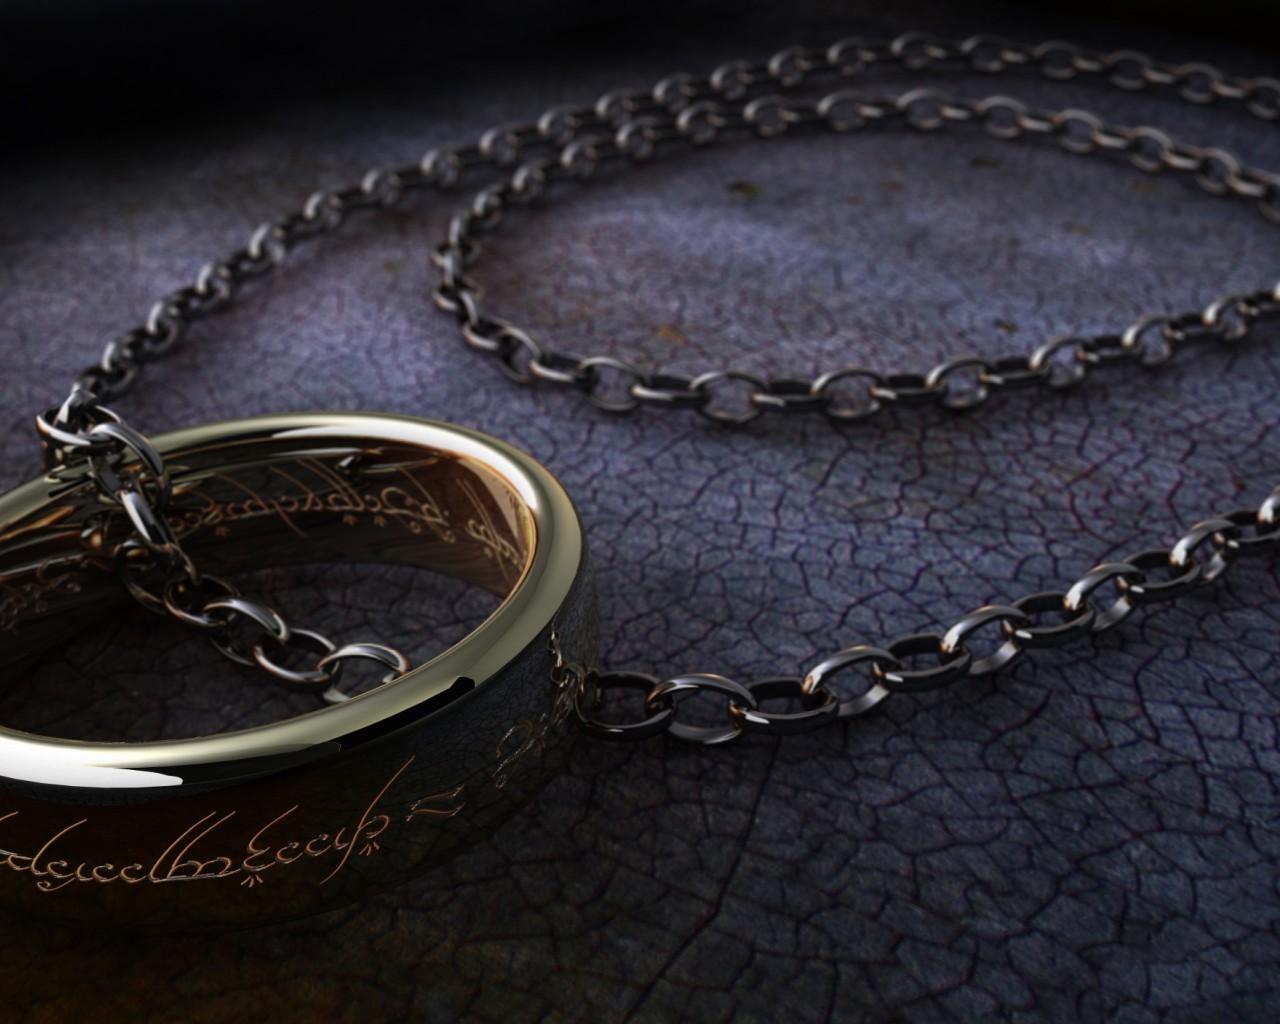 Популярные картинки Властелин Колец (The Lord Of The Rings) в HD качестве